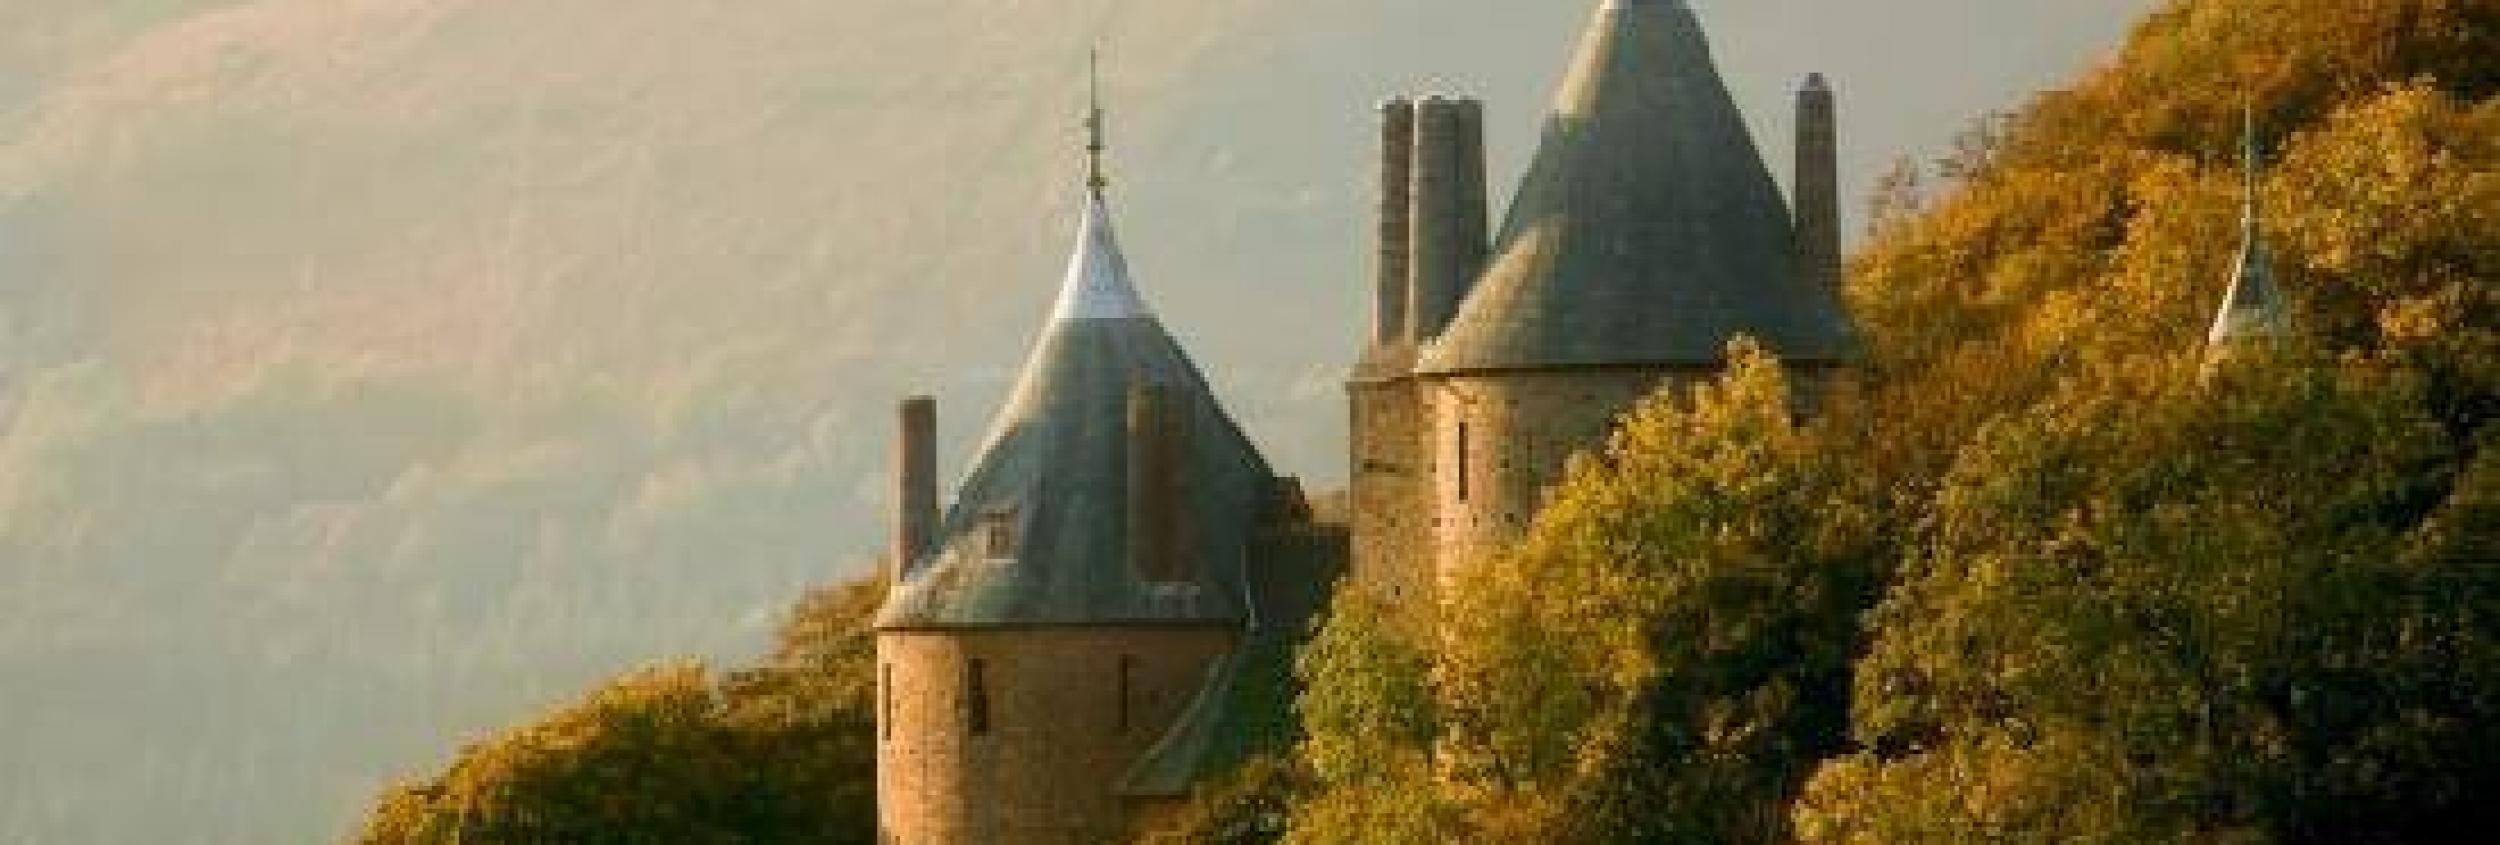 Castle-Coch-Wales